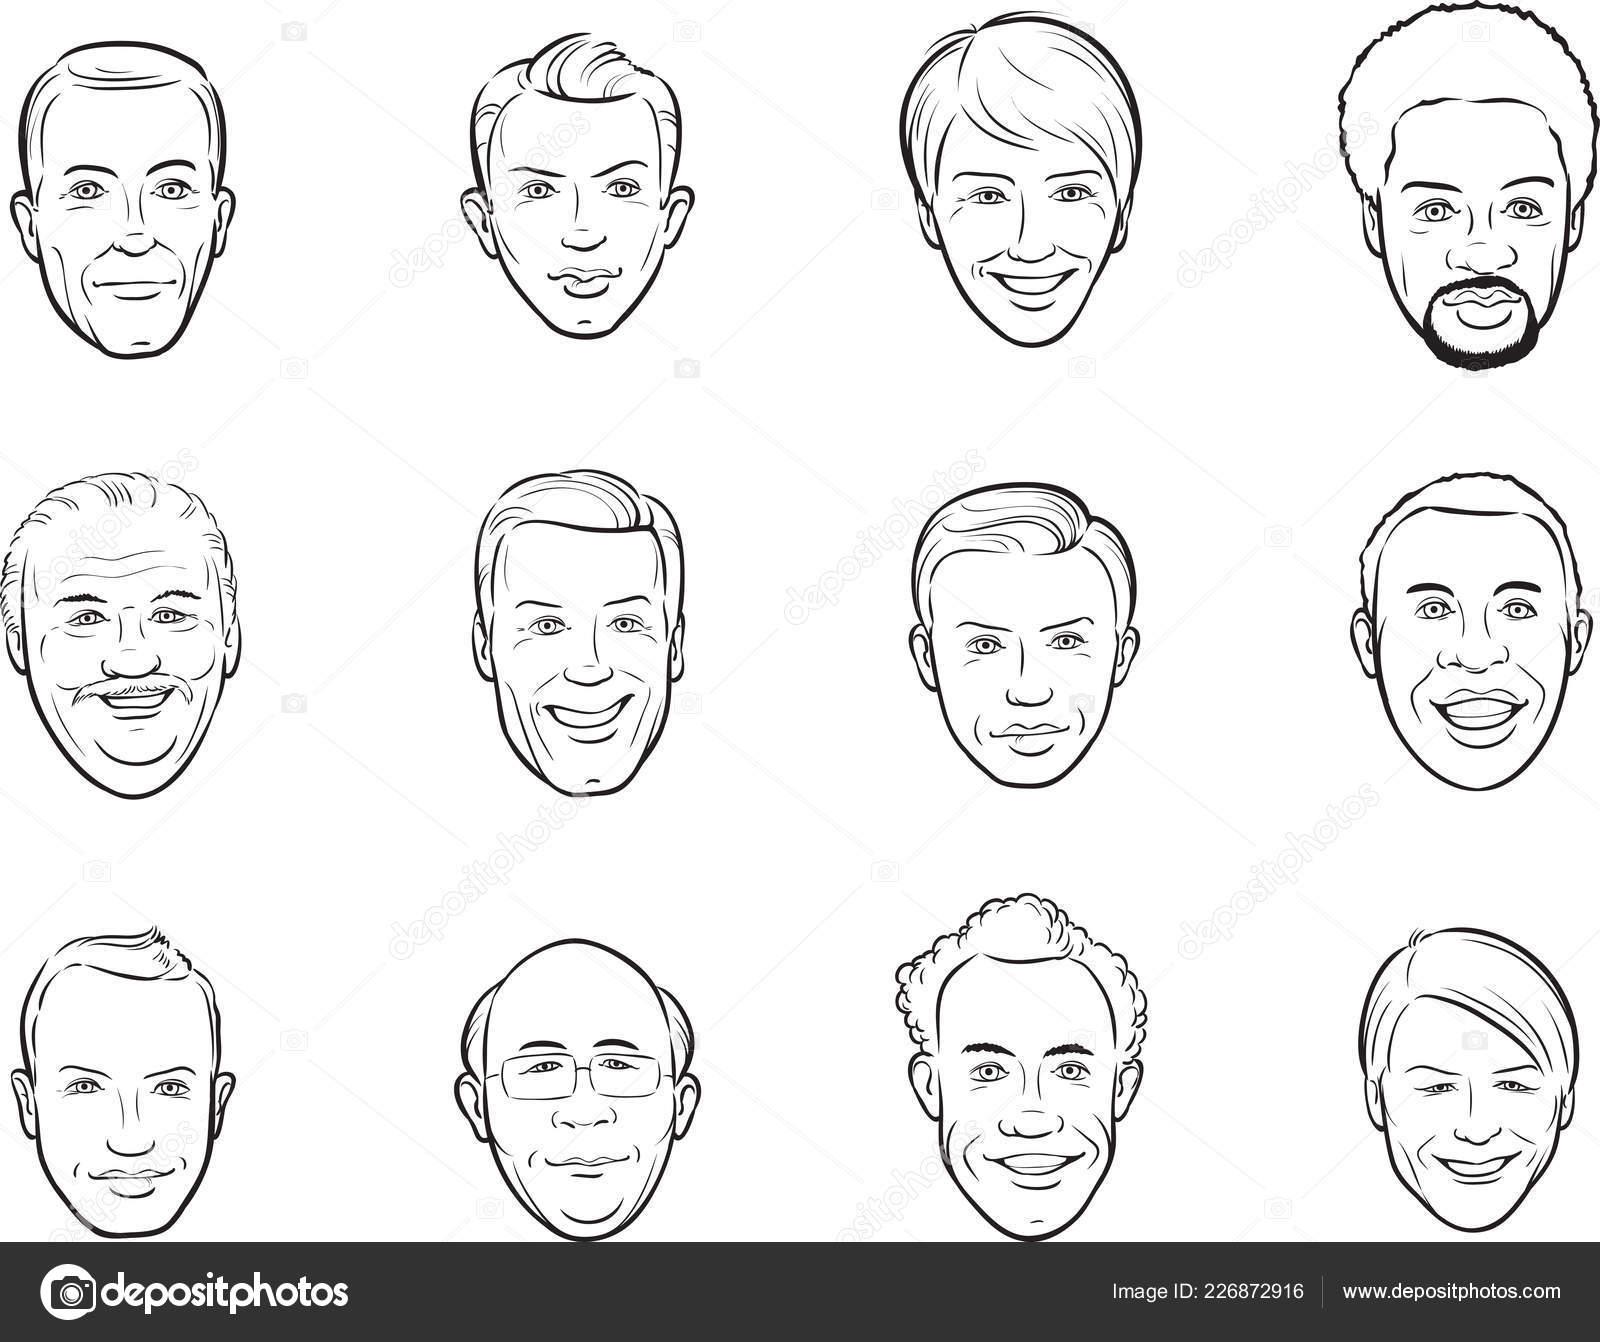 Whiteboard Zeichnung Cartoon Avatar Manner Lacheln Stockvektor